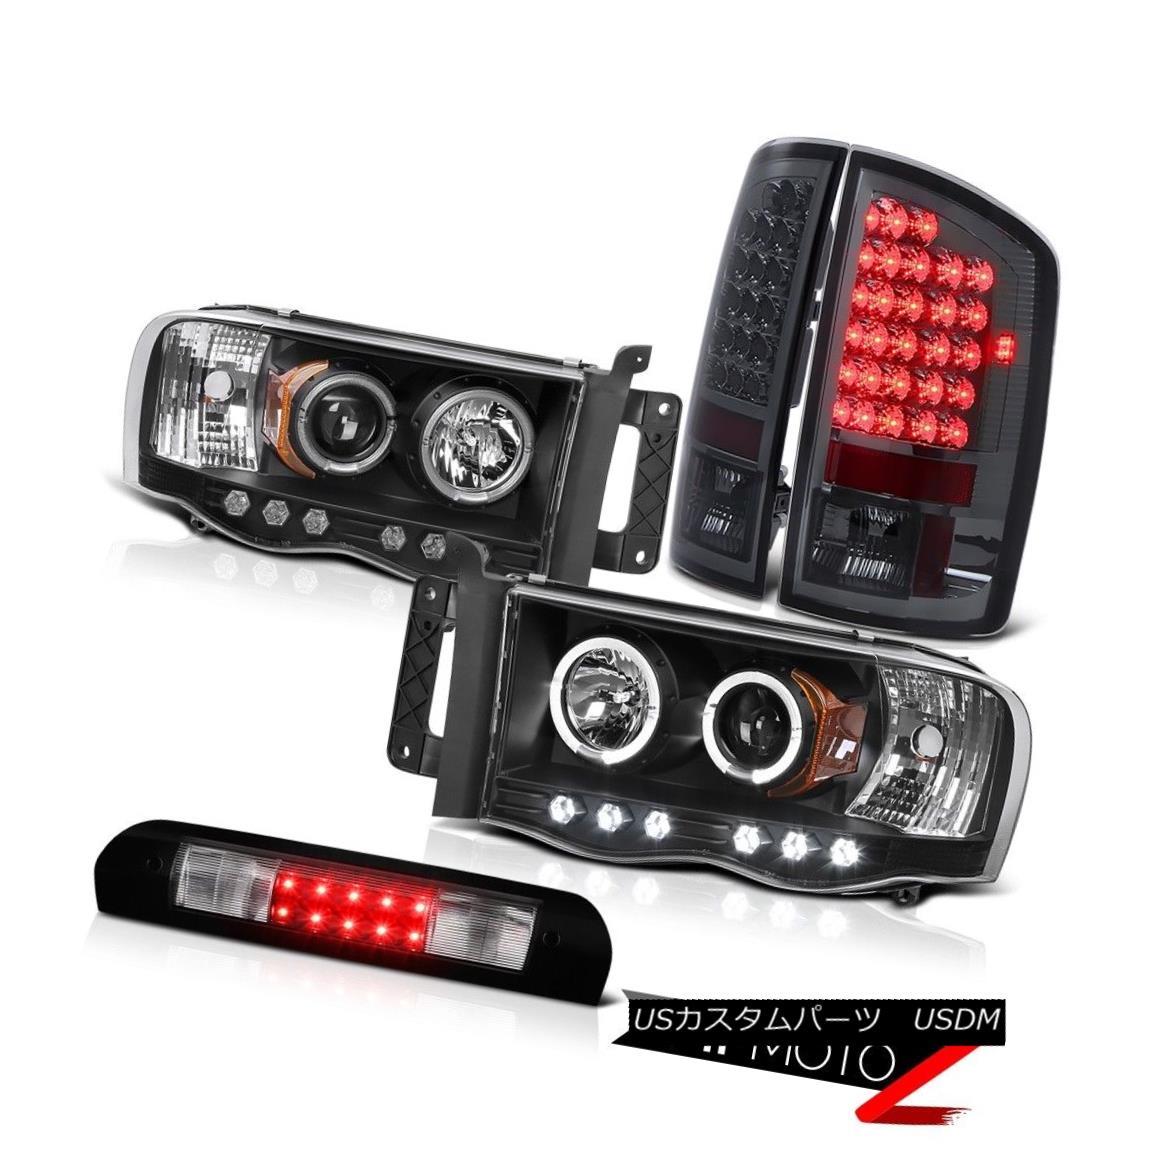 ヘッドライト Projector Black Headlights Smoke LED Tail Lights Brake 2002-2005 Ram TurboDiesel プロジェクターブラックヘッドライトスモークLEDテールライトブレーキ2002-2005 Ram TurboDiesel